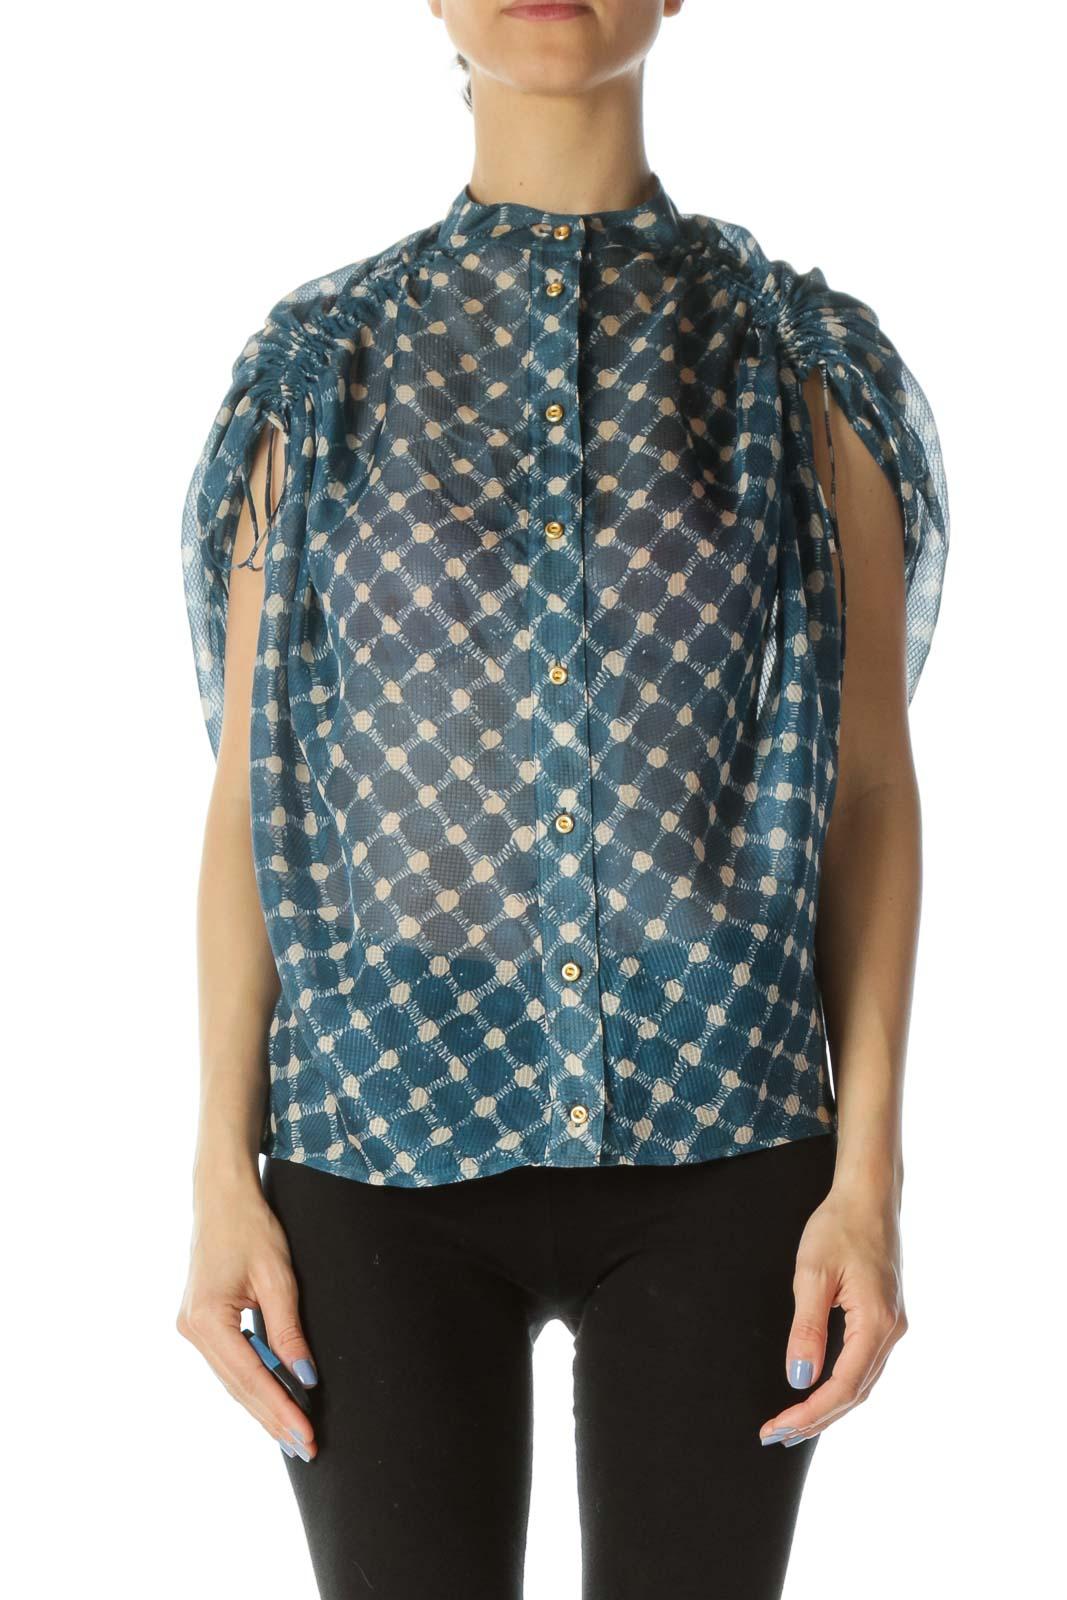 Blue & Beige Printed Designer Over-Sized Translucent 100% Silk Blouse Front